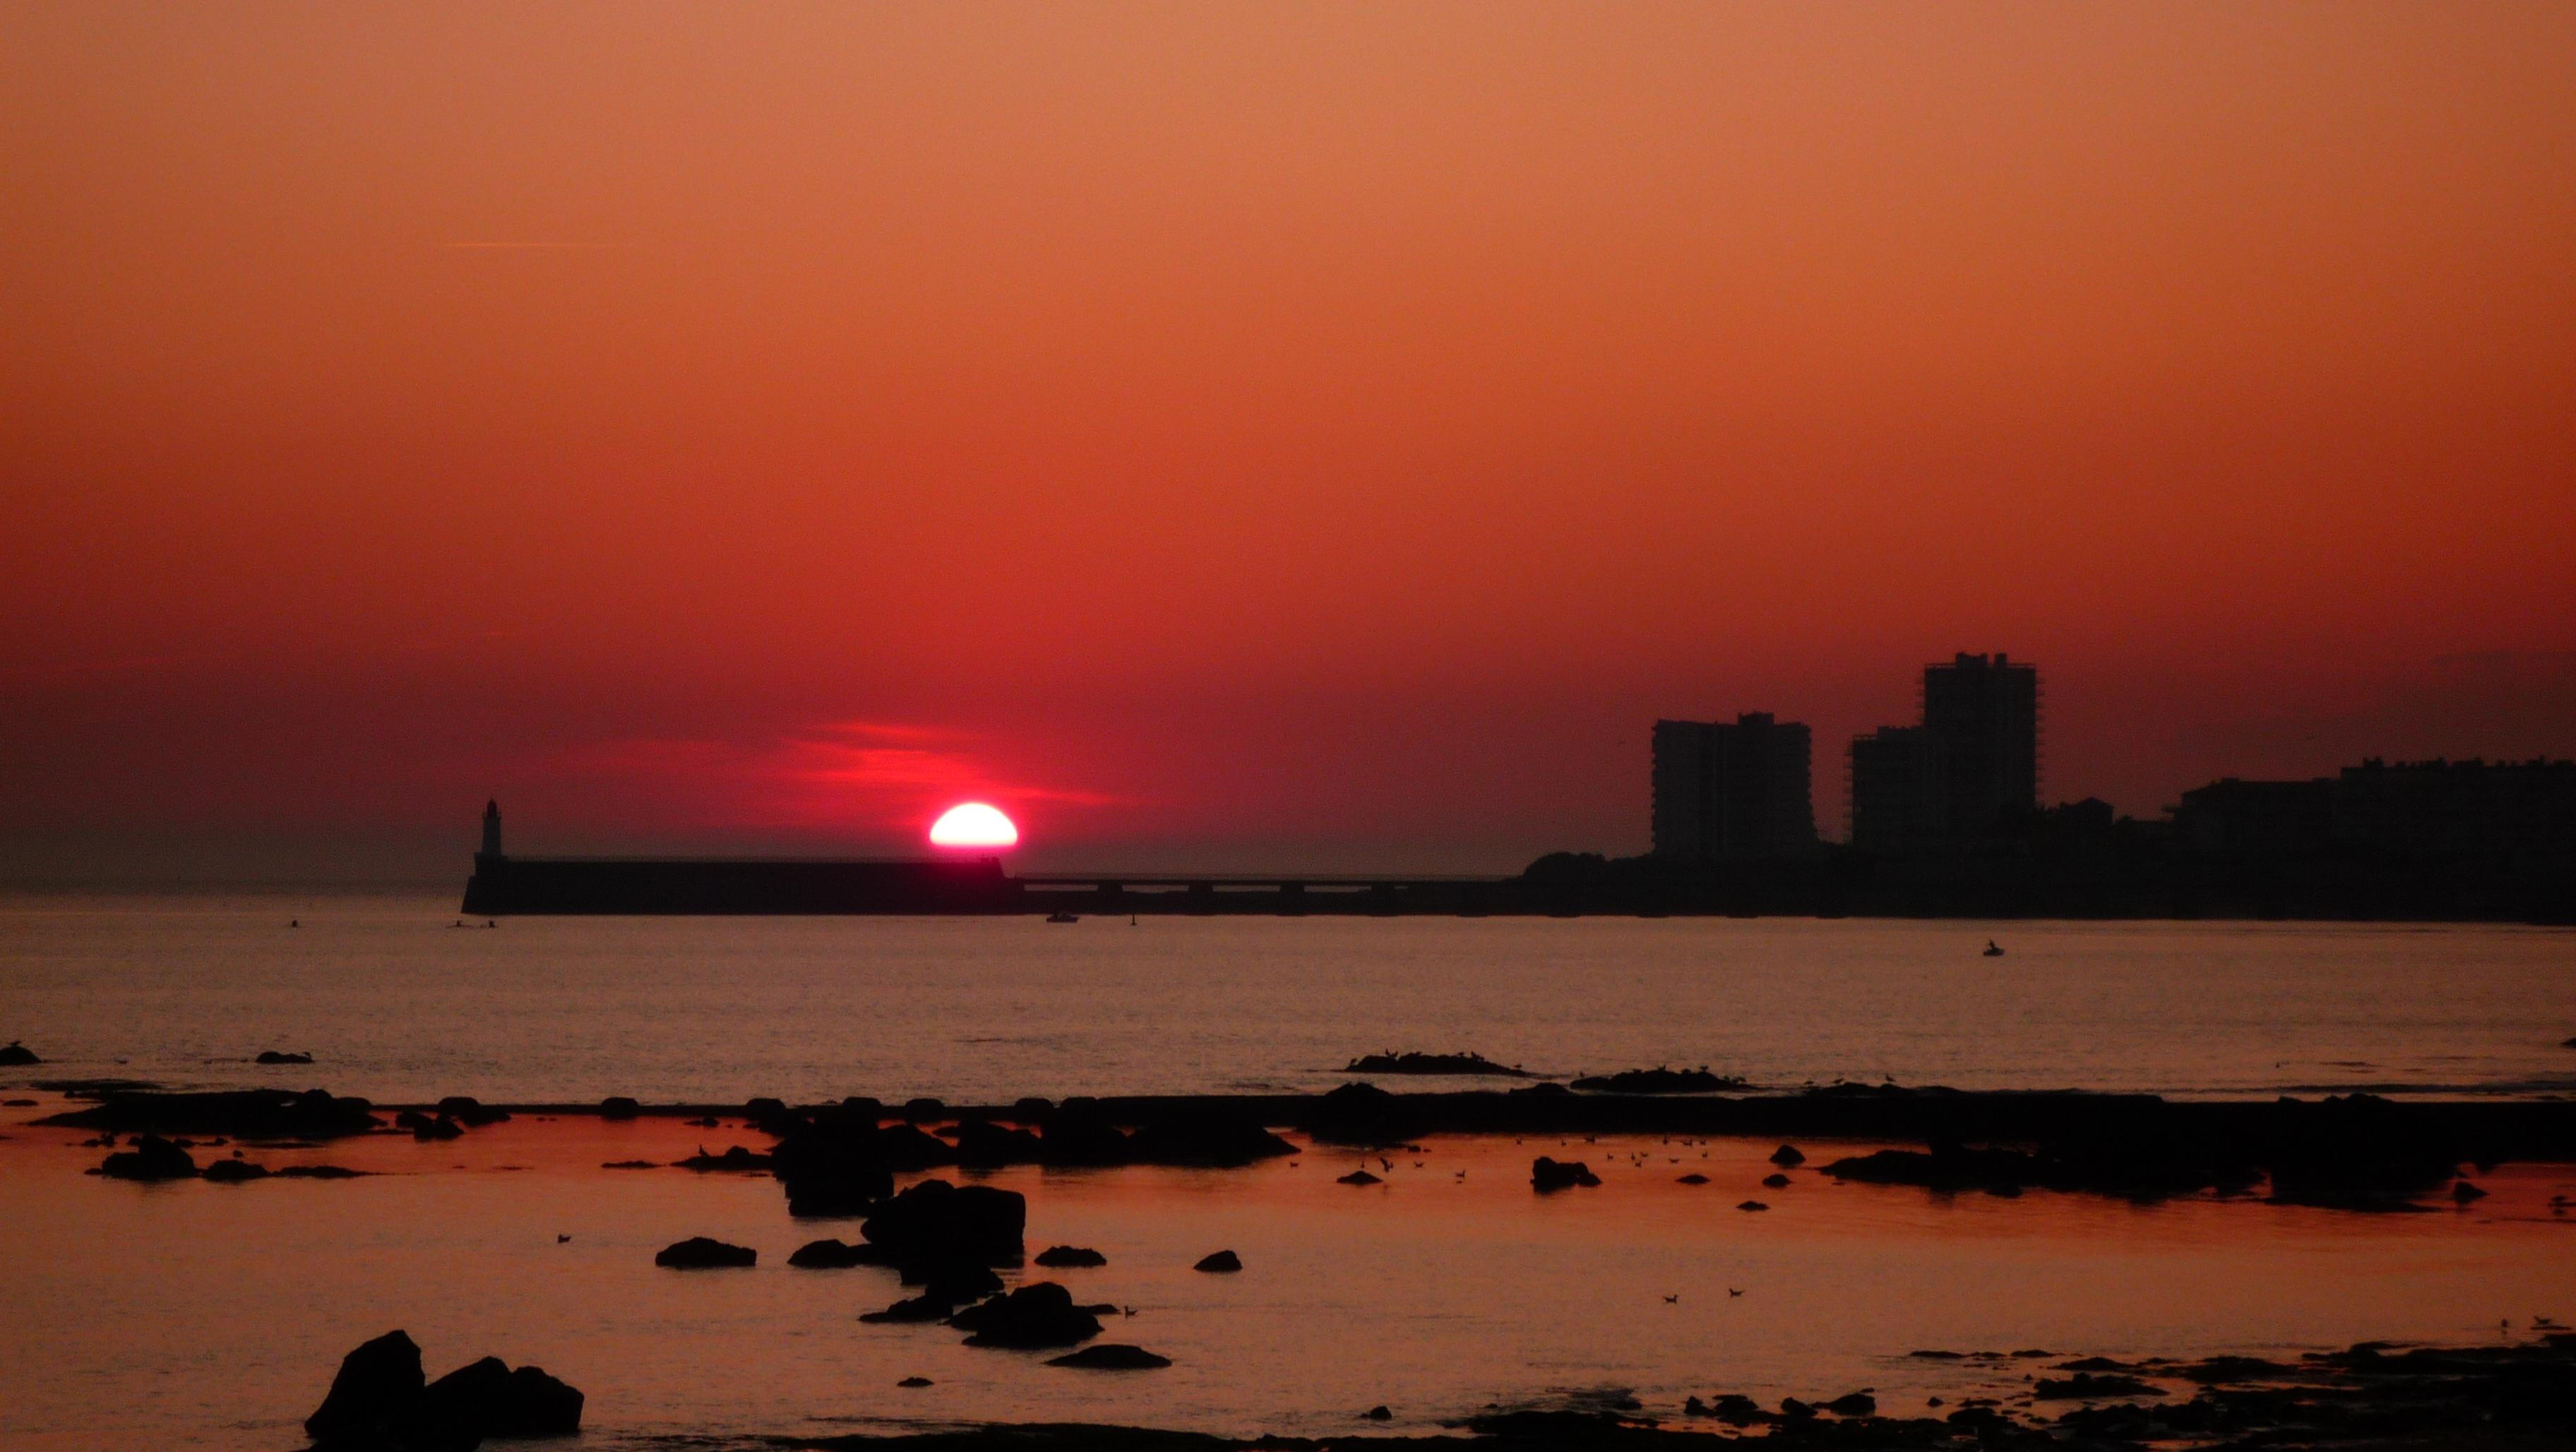 Pour ma famille heure de coucher du soleil octobre 2012 - Heures coucher du soleil ...